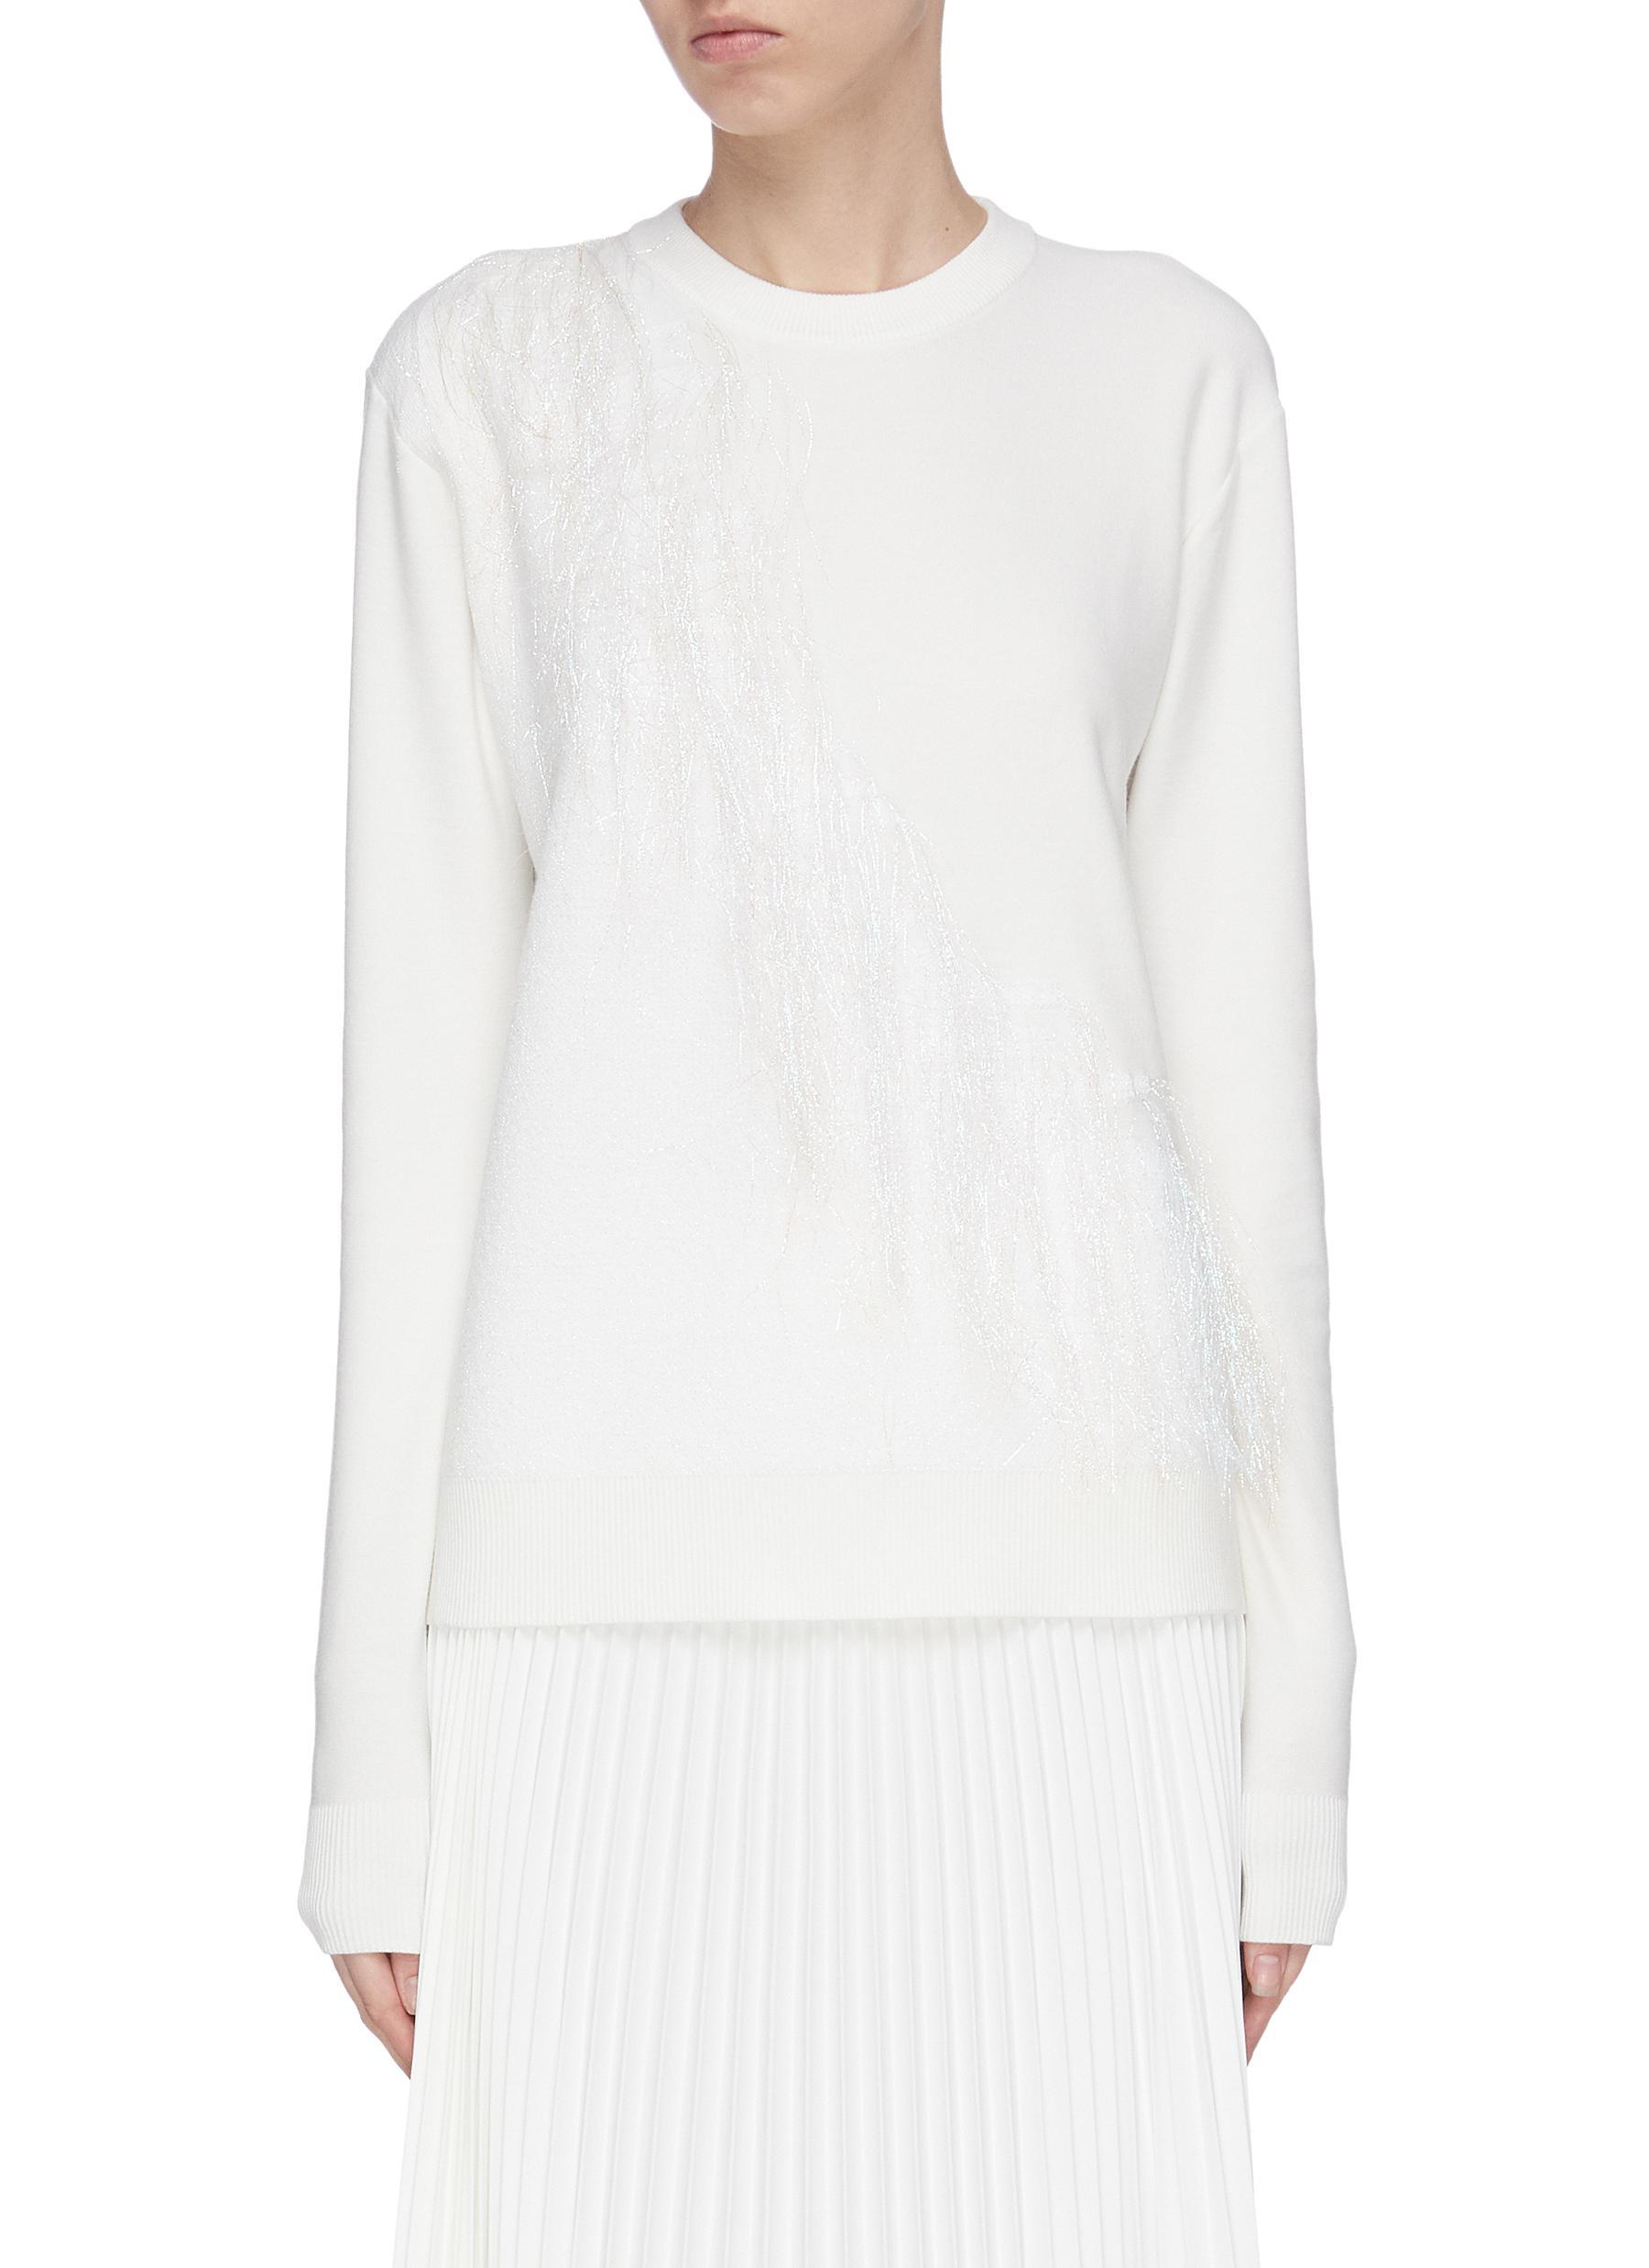 shop Swaying Shimmer fringe knit sweater online